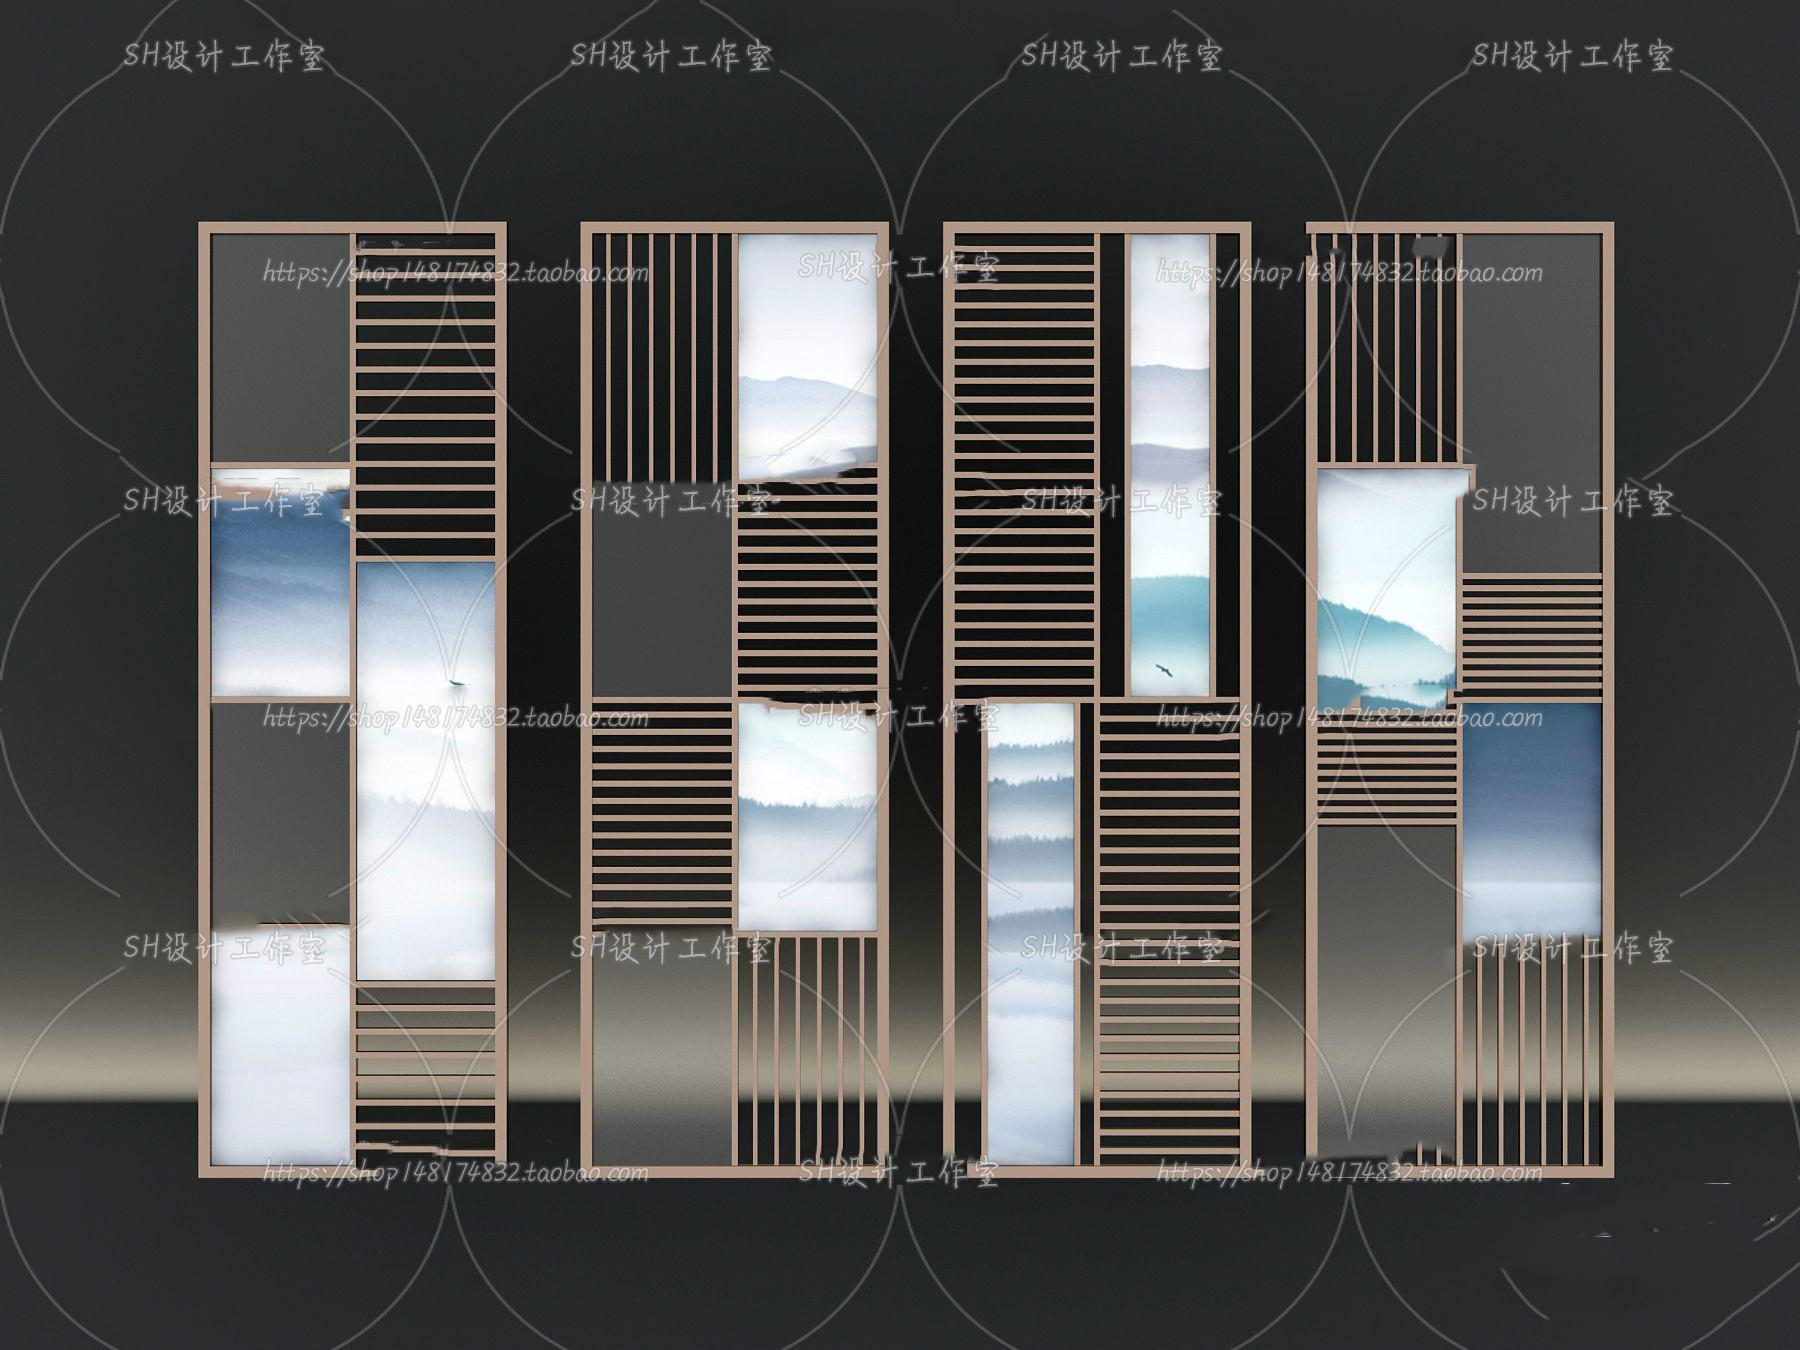 3DSKY FREE – CNC PANELS – VOL.4 – No.048